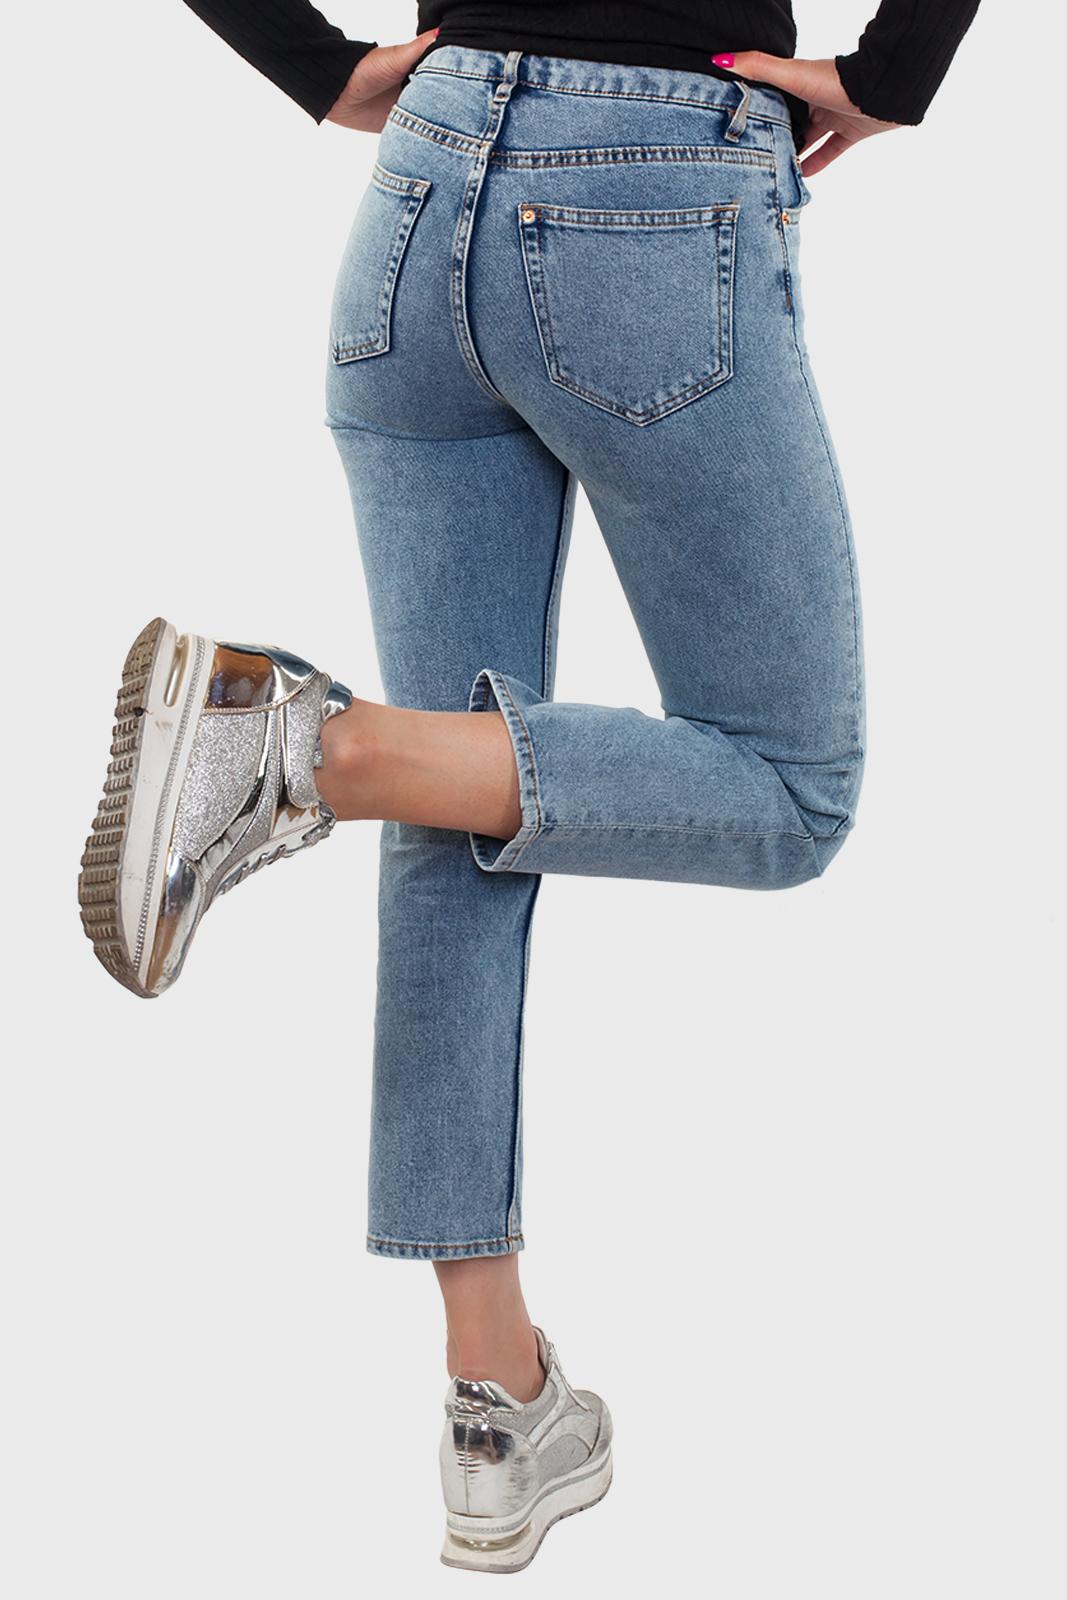 Укороченные женские джинсы по доступной цене